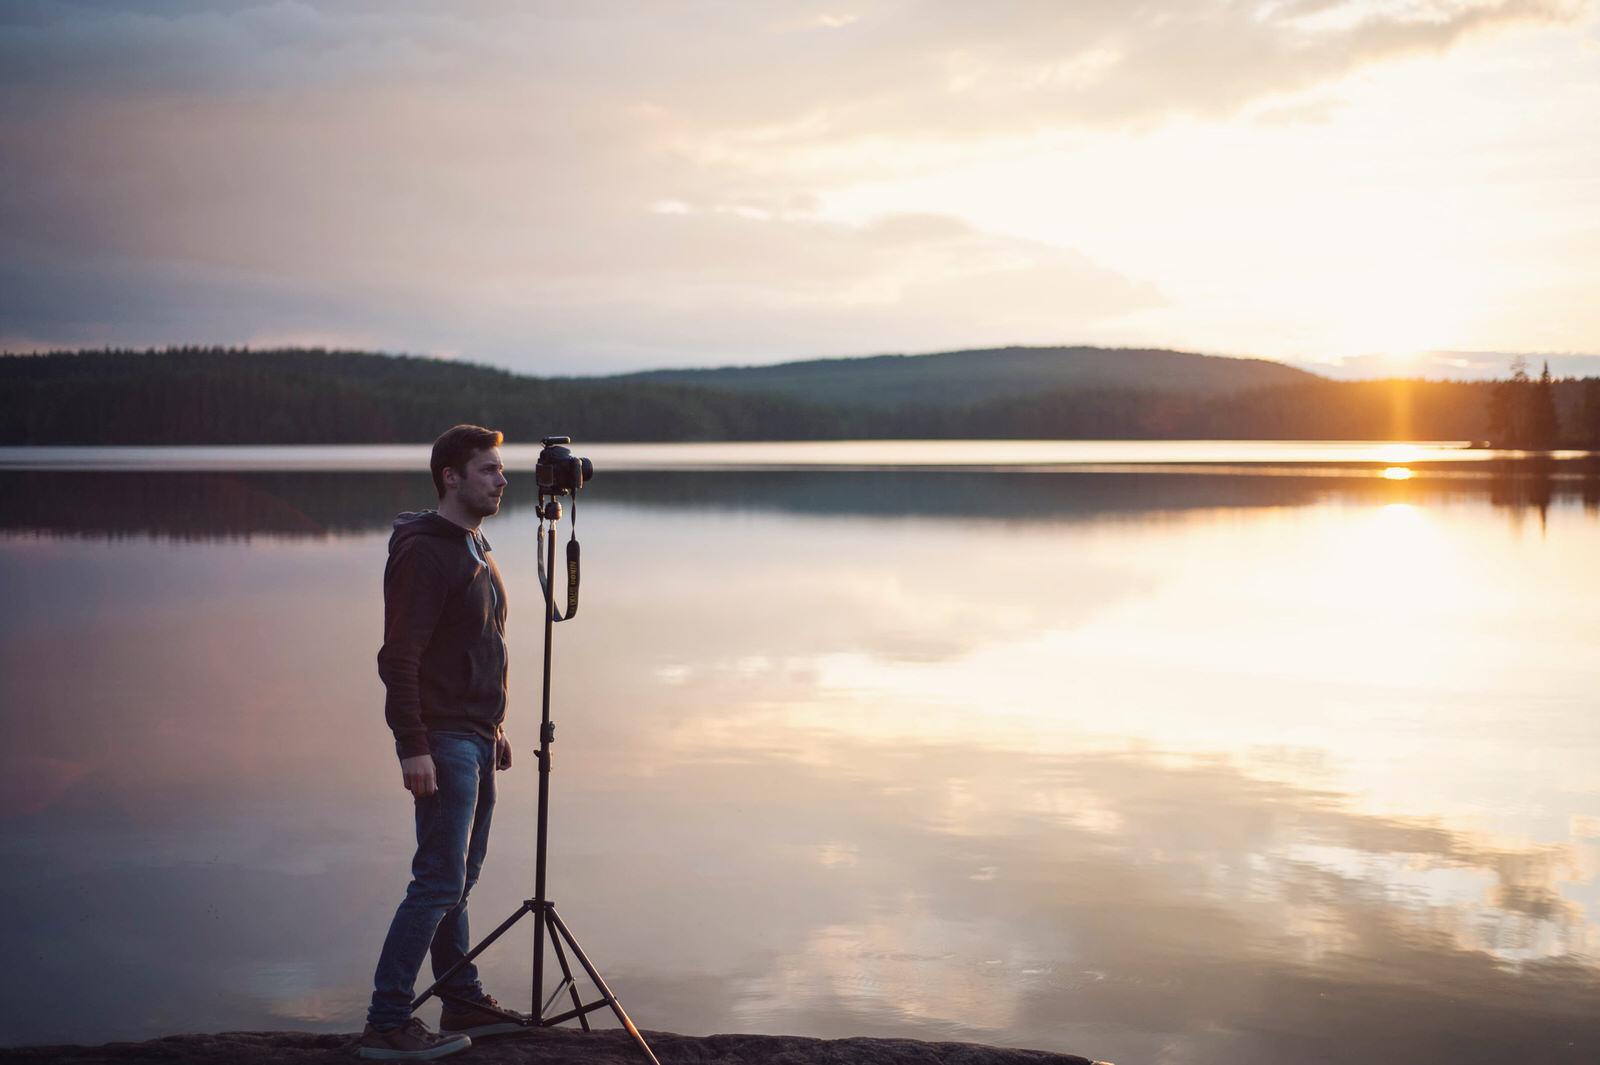 Ole Quirin mit Kamera im Sonnenuntergang in Schweden